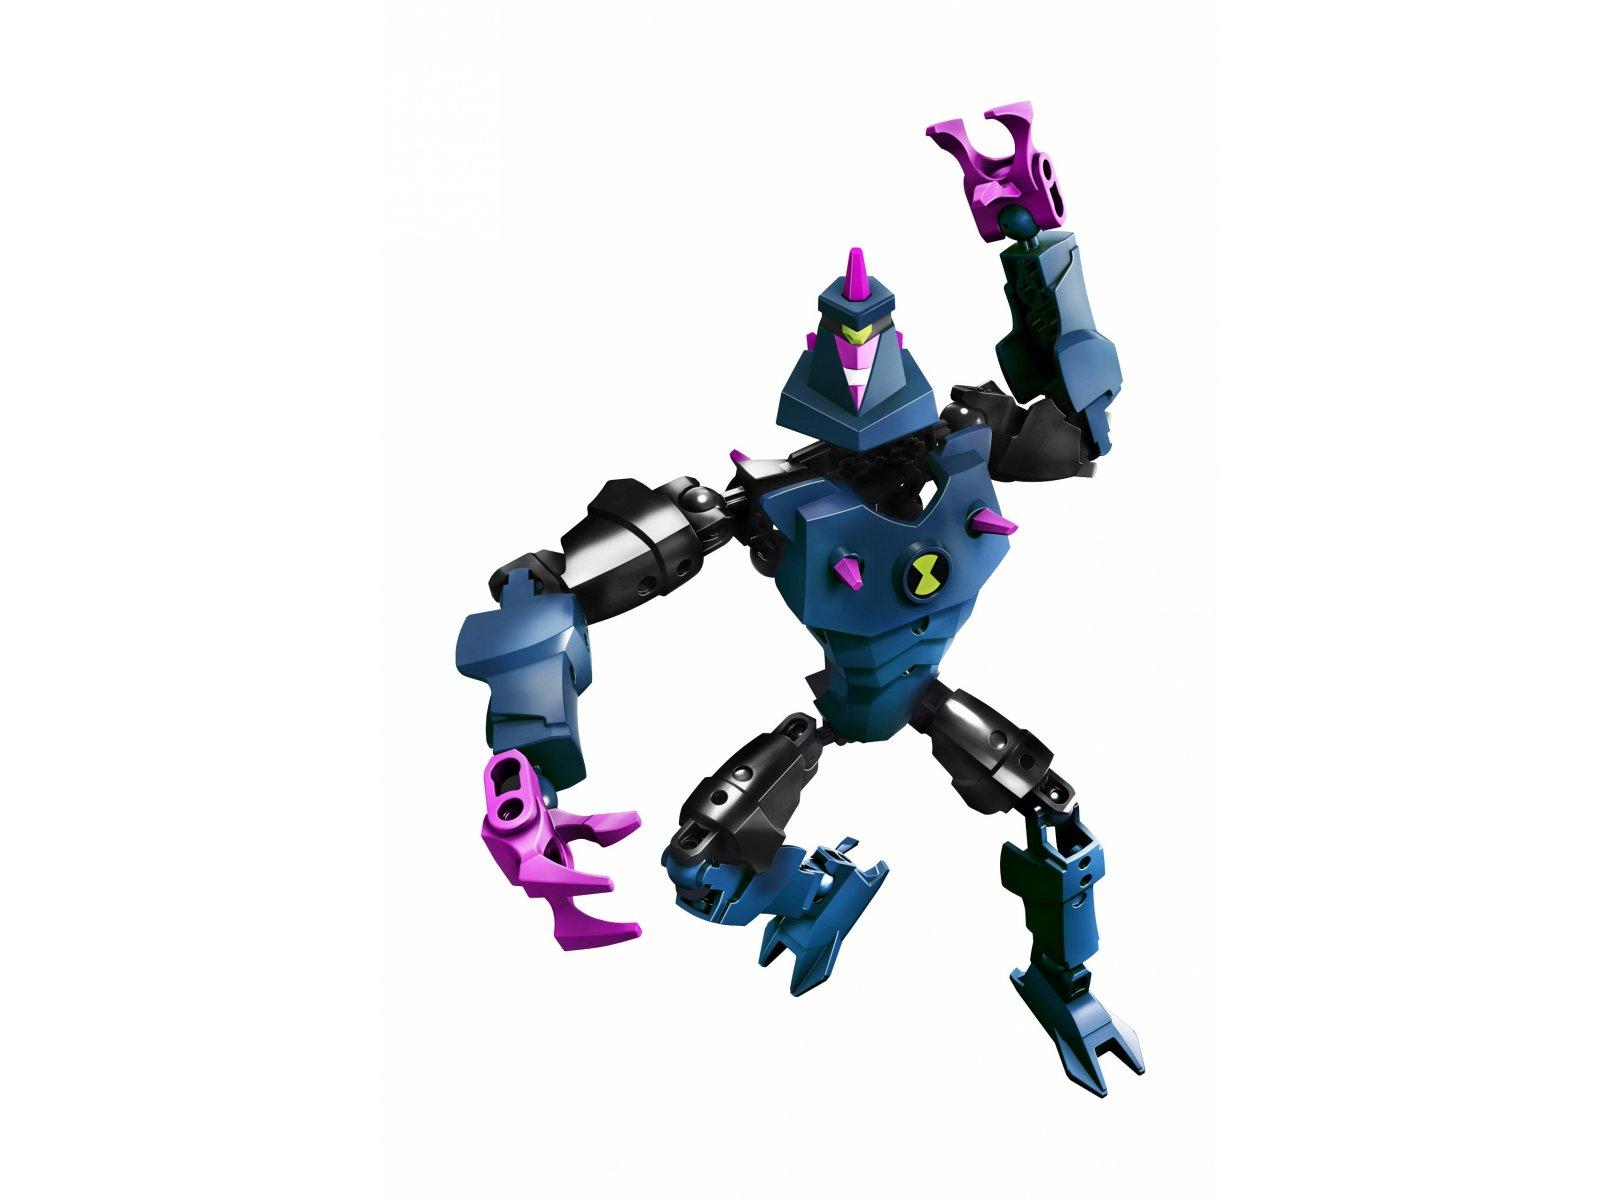 LEGO 8411 Ben 10 Alien Force™ Chromaton